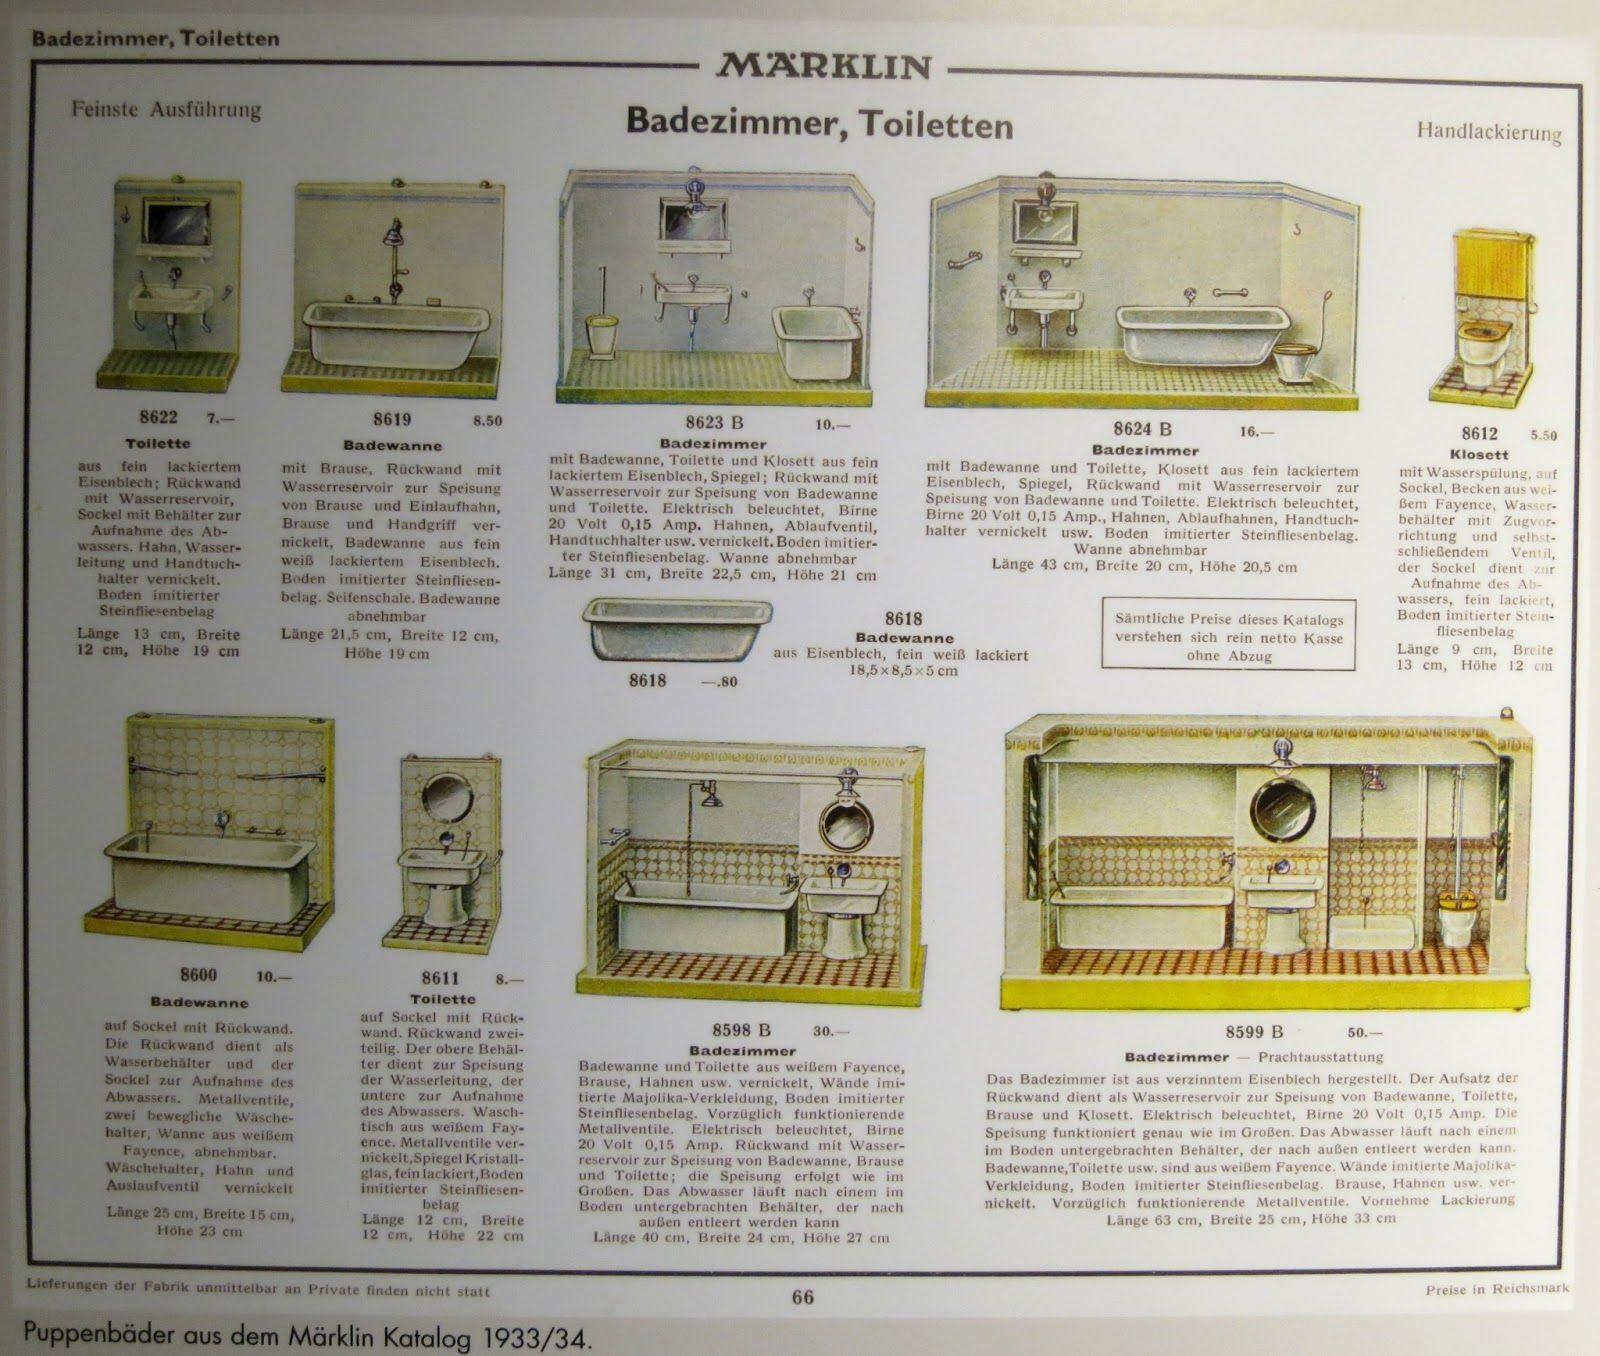 1933 Marklin Catalog Showing Doll Bathrooms Badezimmer Badewanne Toiletten